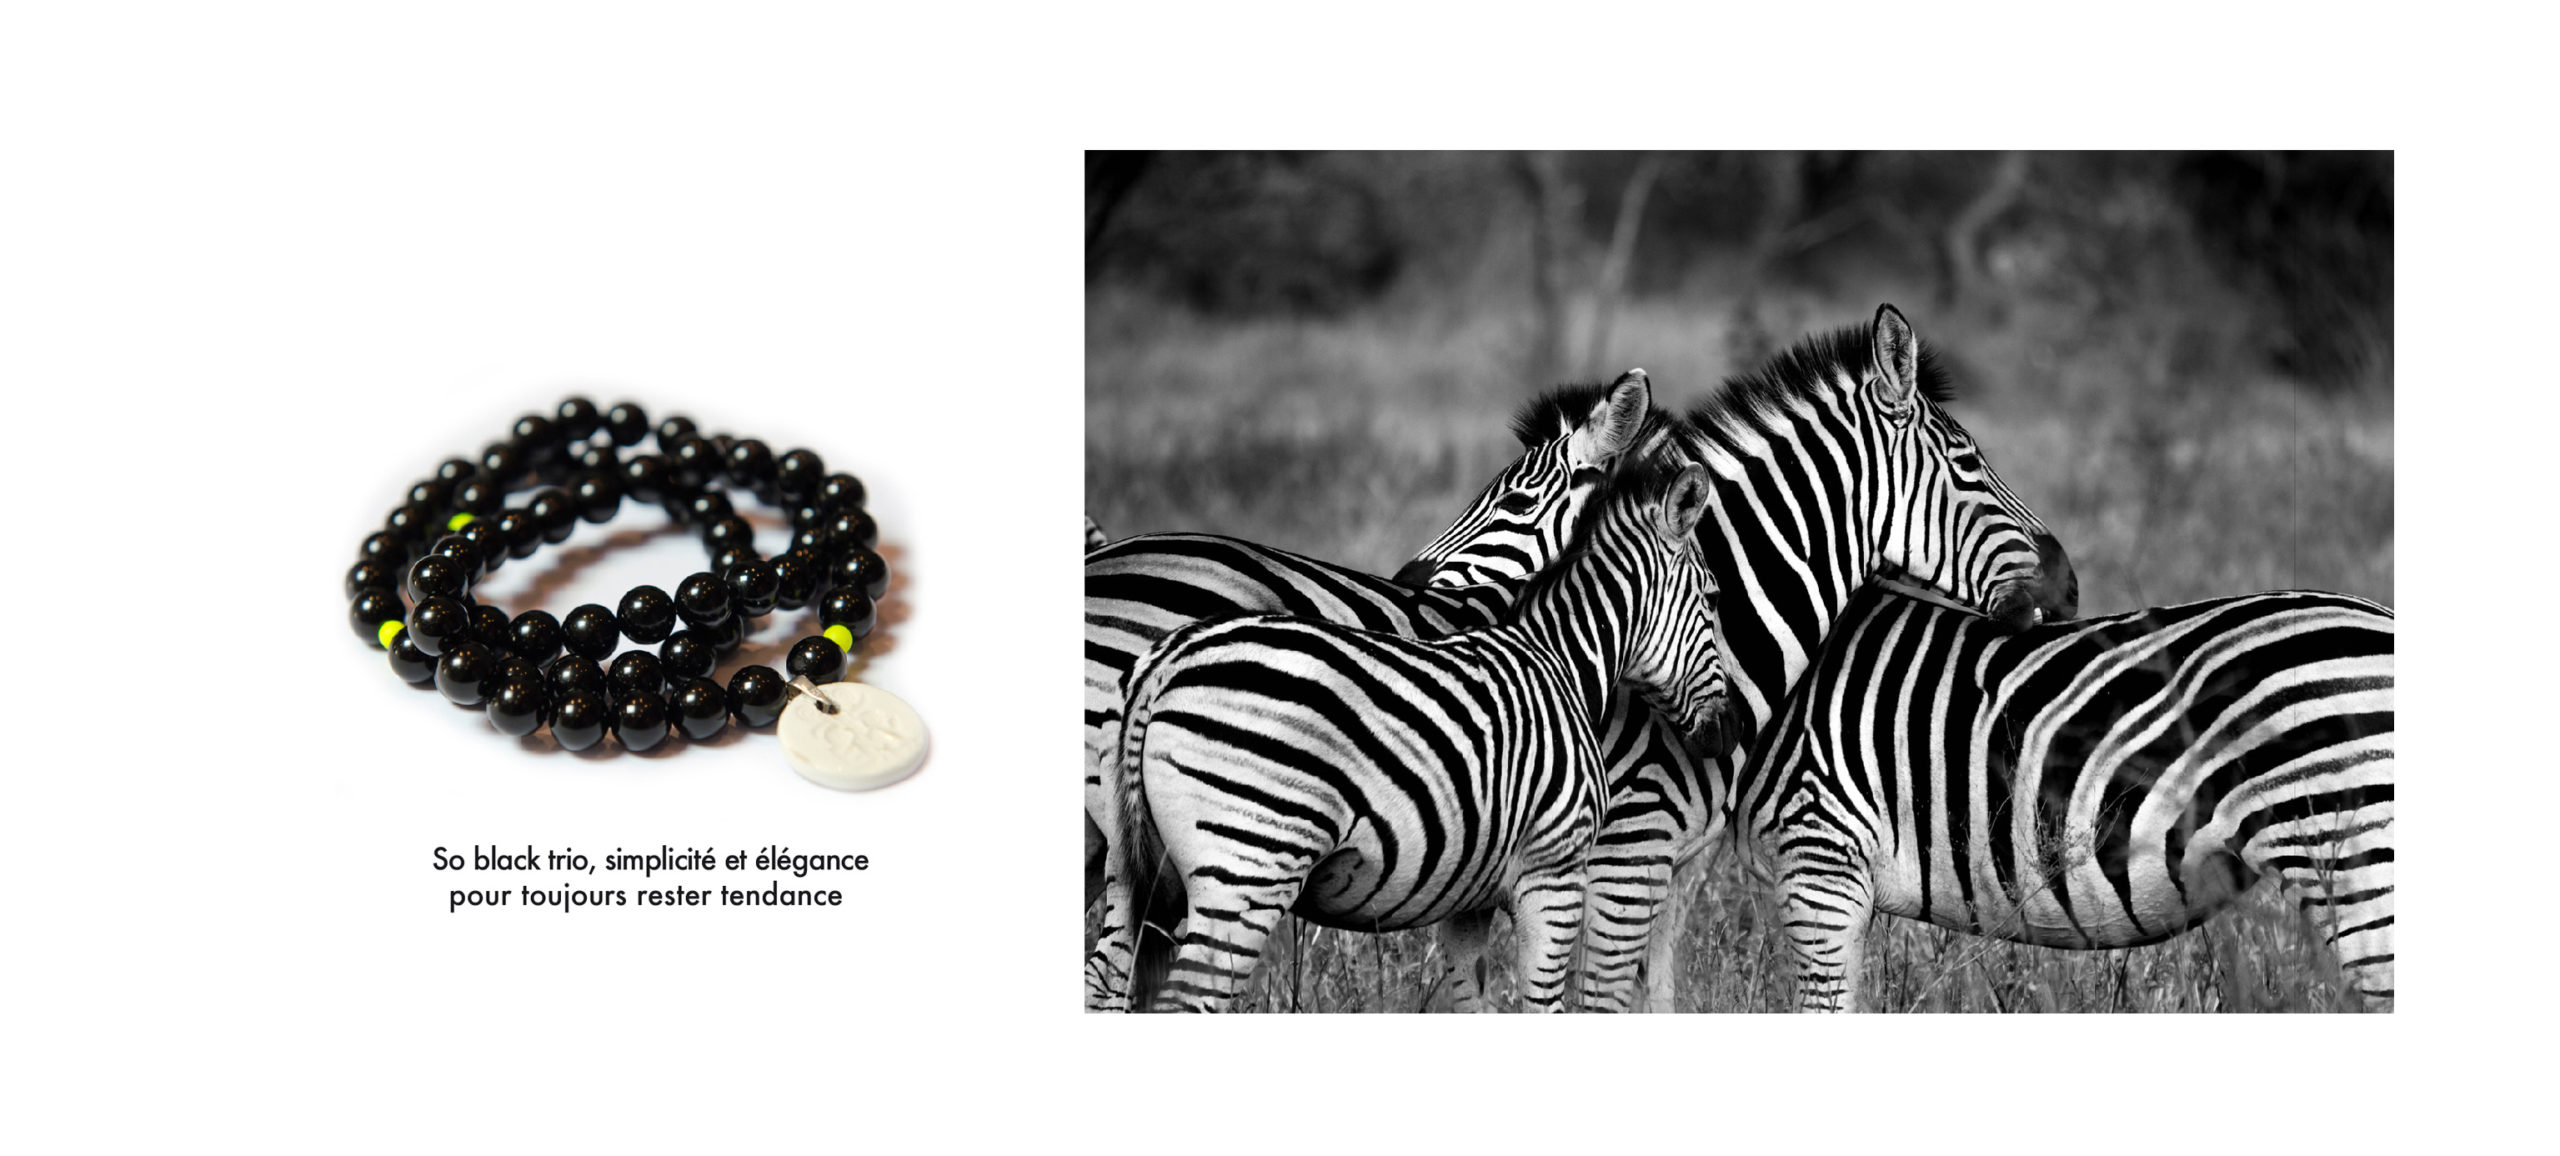 bracelet perle noire en agate noire et pampille, zèbres